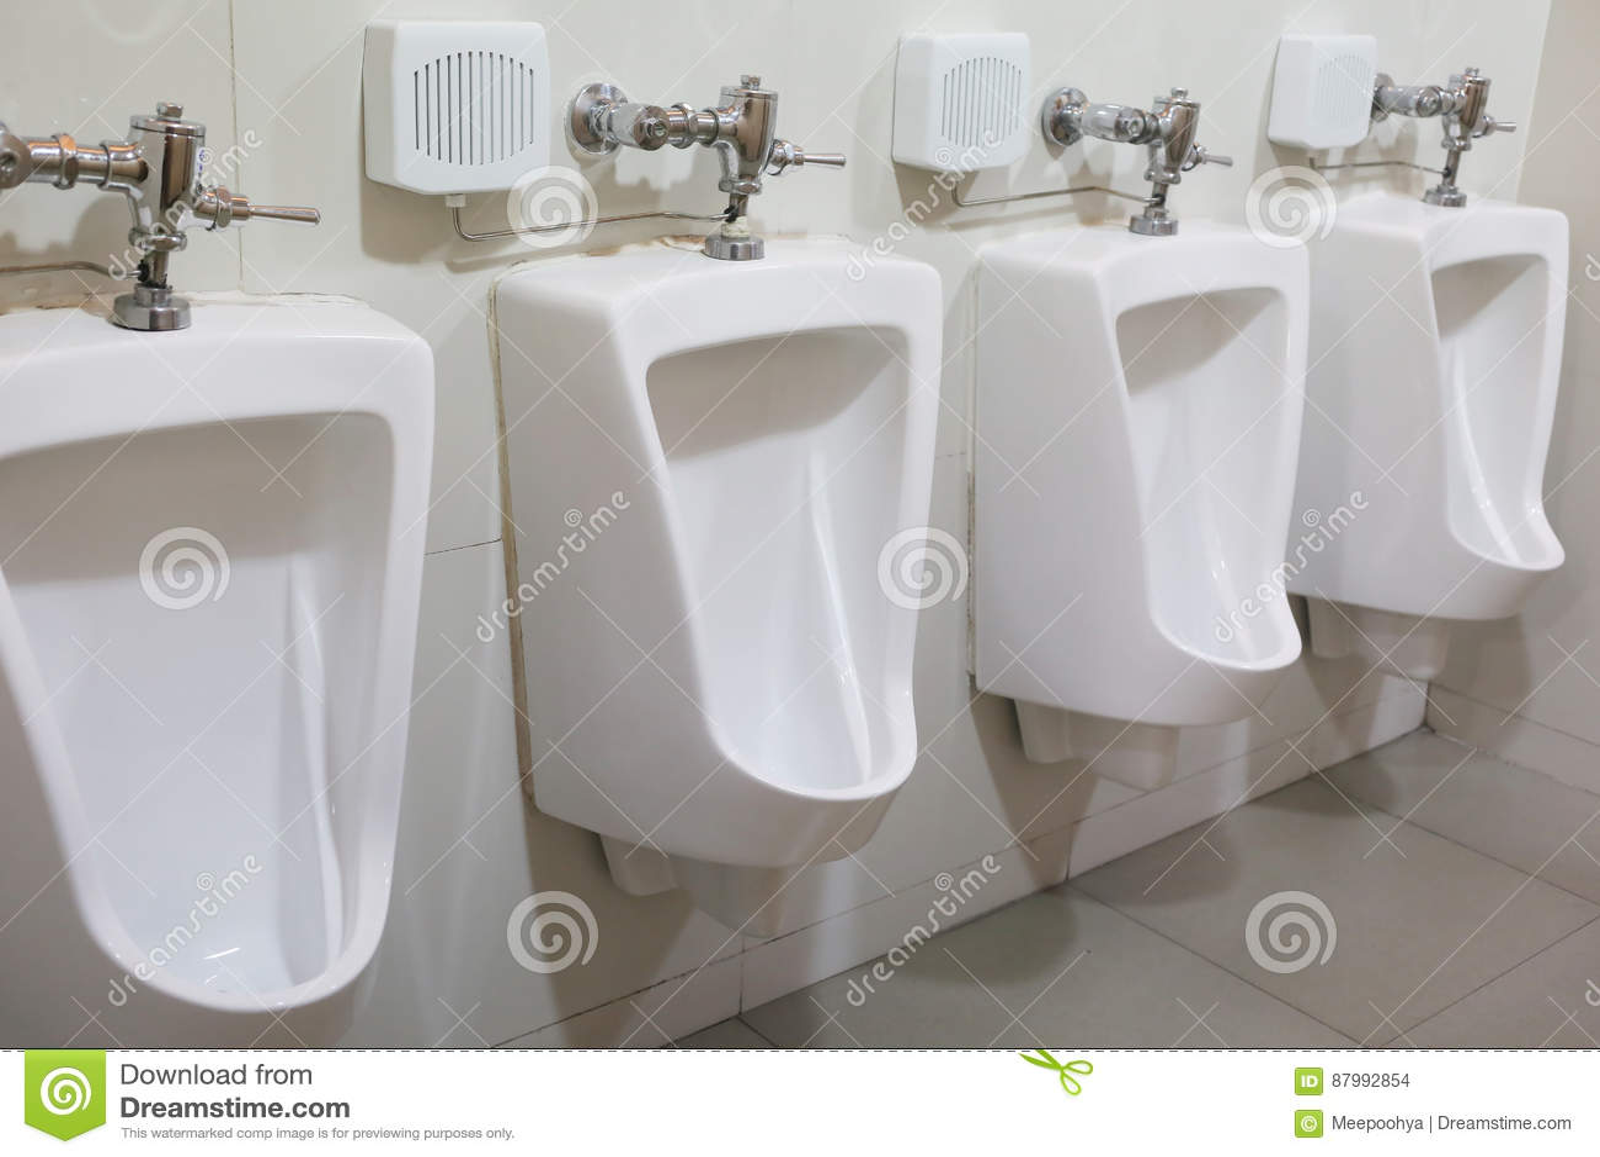 Salle De Bain Urinoir ~ urinoir moderne dans la salle de bains des hommes photo stock